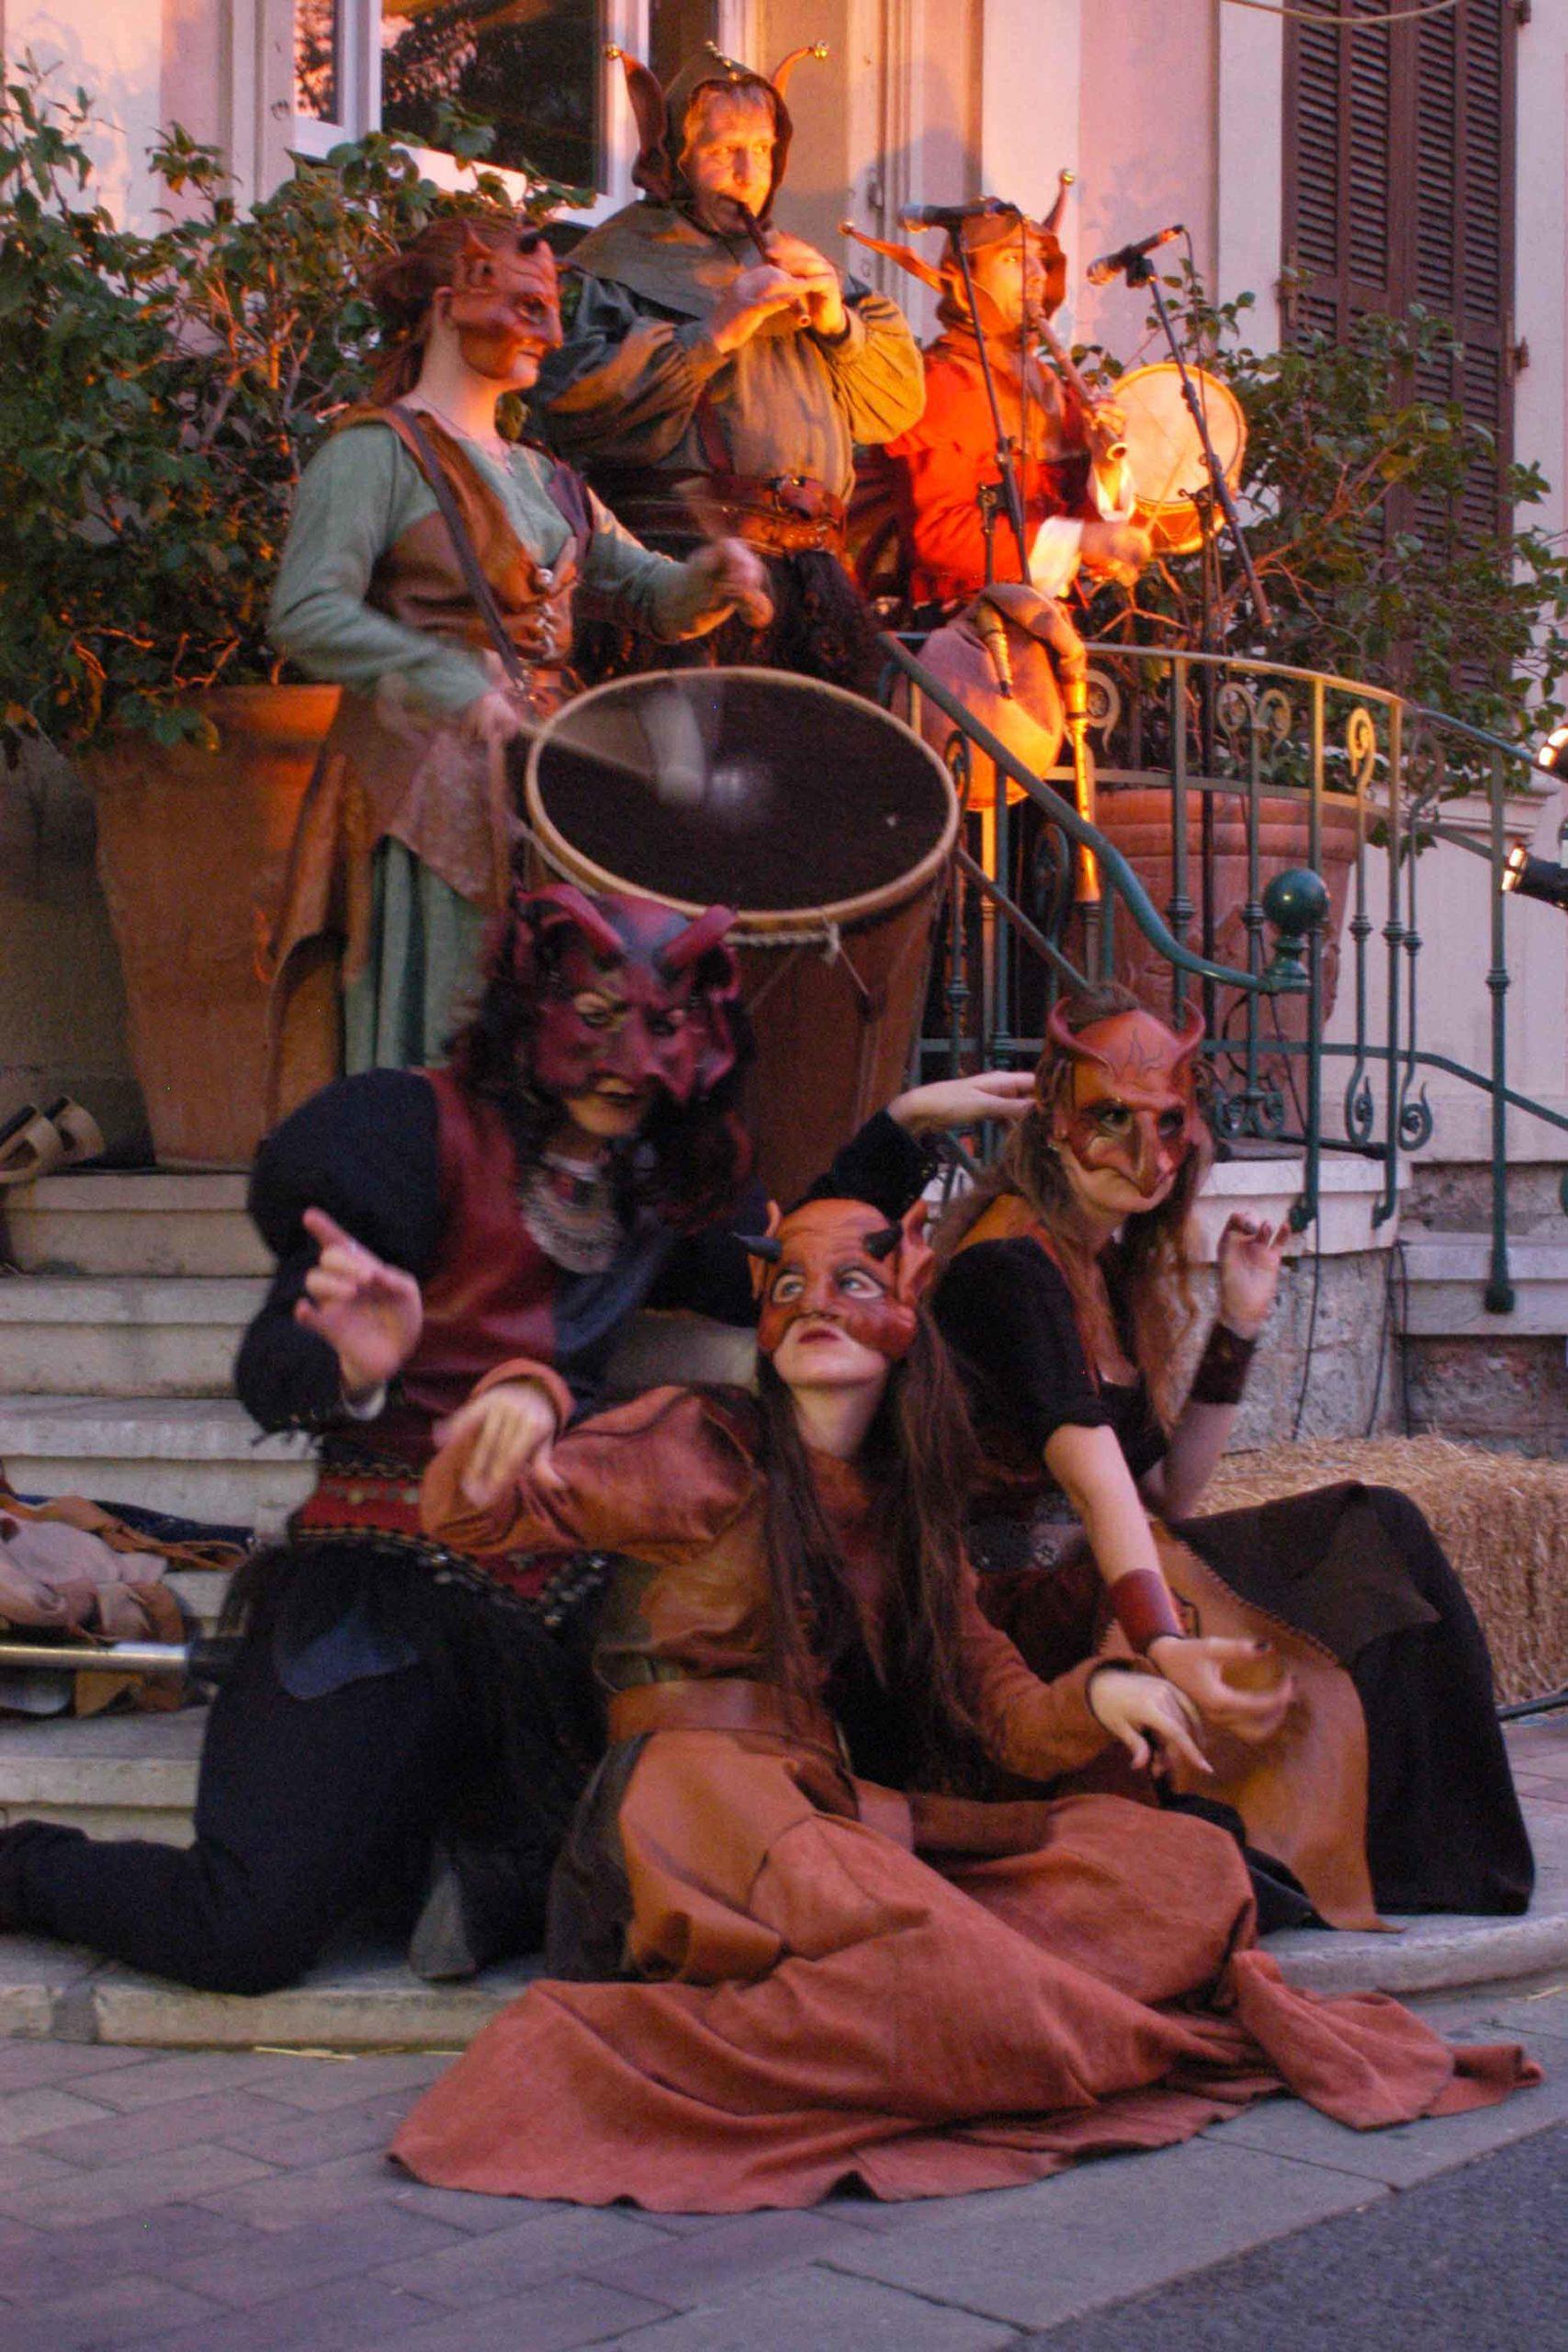 Animations bals - Morescarole association danses médiévales Dordogne